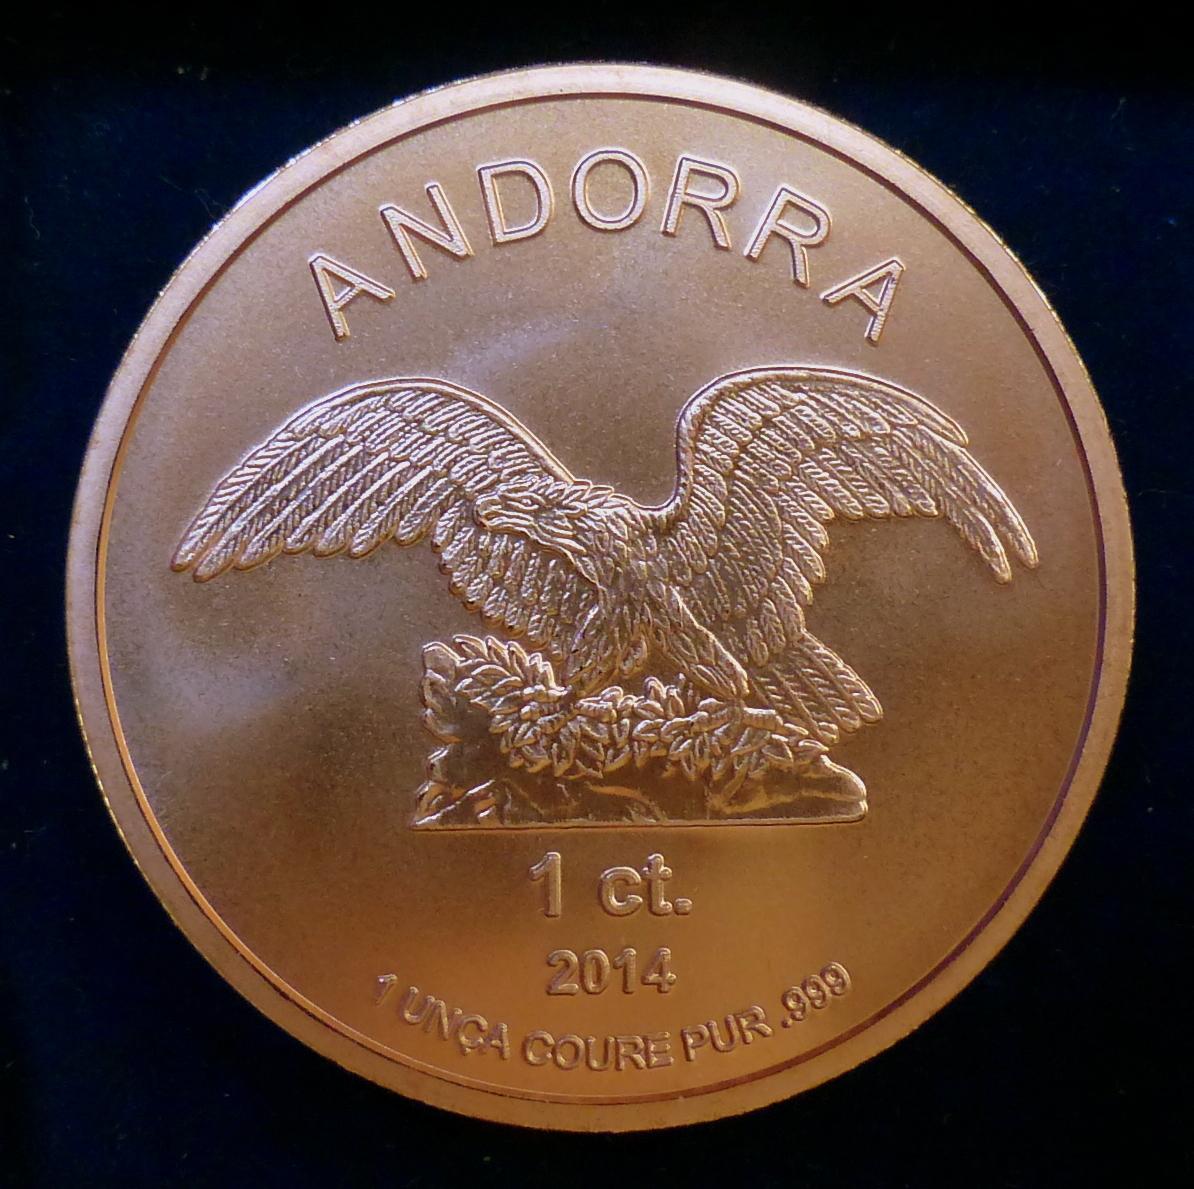 Andorra - 1 ct. de diner - 2014  1_ct_a